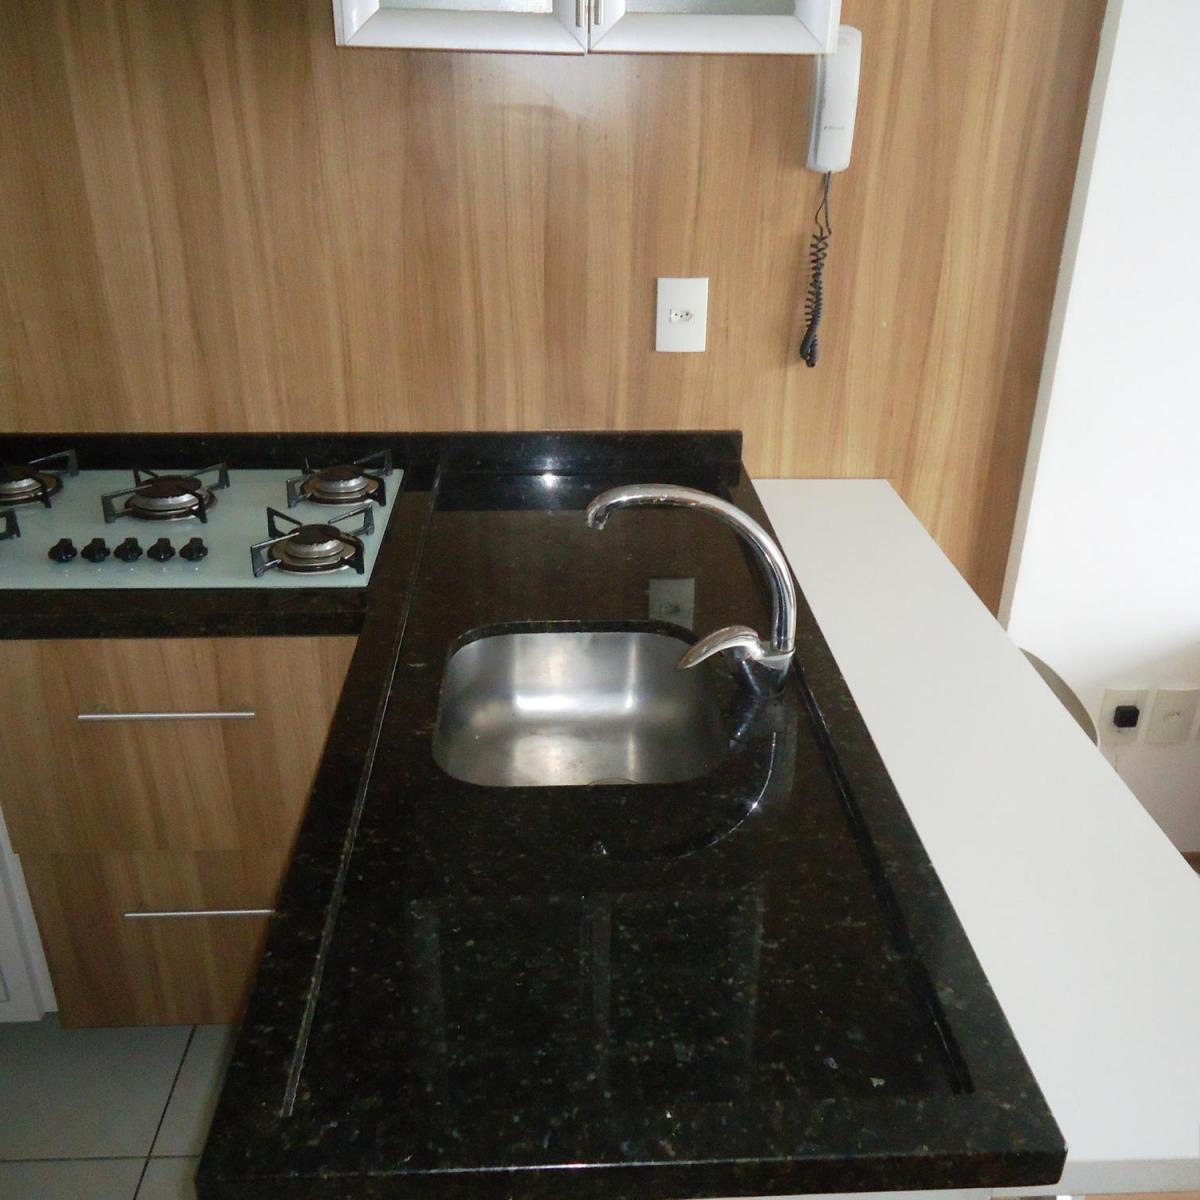 Imagens de #634B2E Apartamento para aluguel com 1 Quarto Centro Curitiba R$ 1.300 48  1200x1200 px 2810 Box Banheiro Manchado